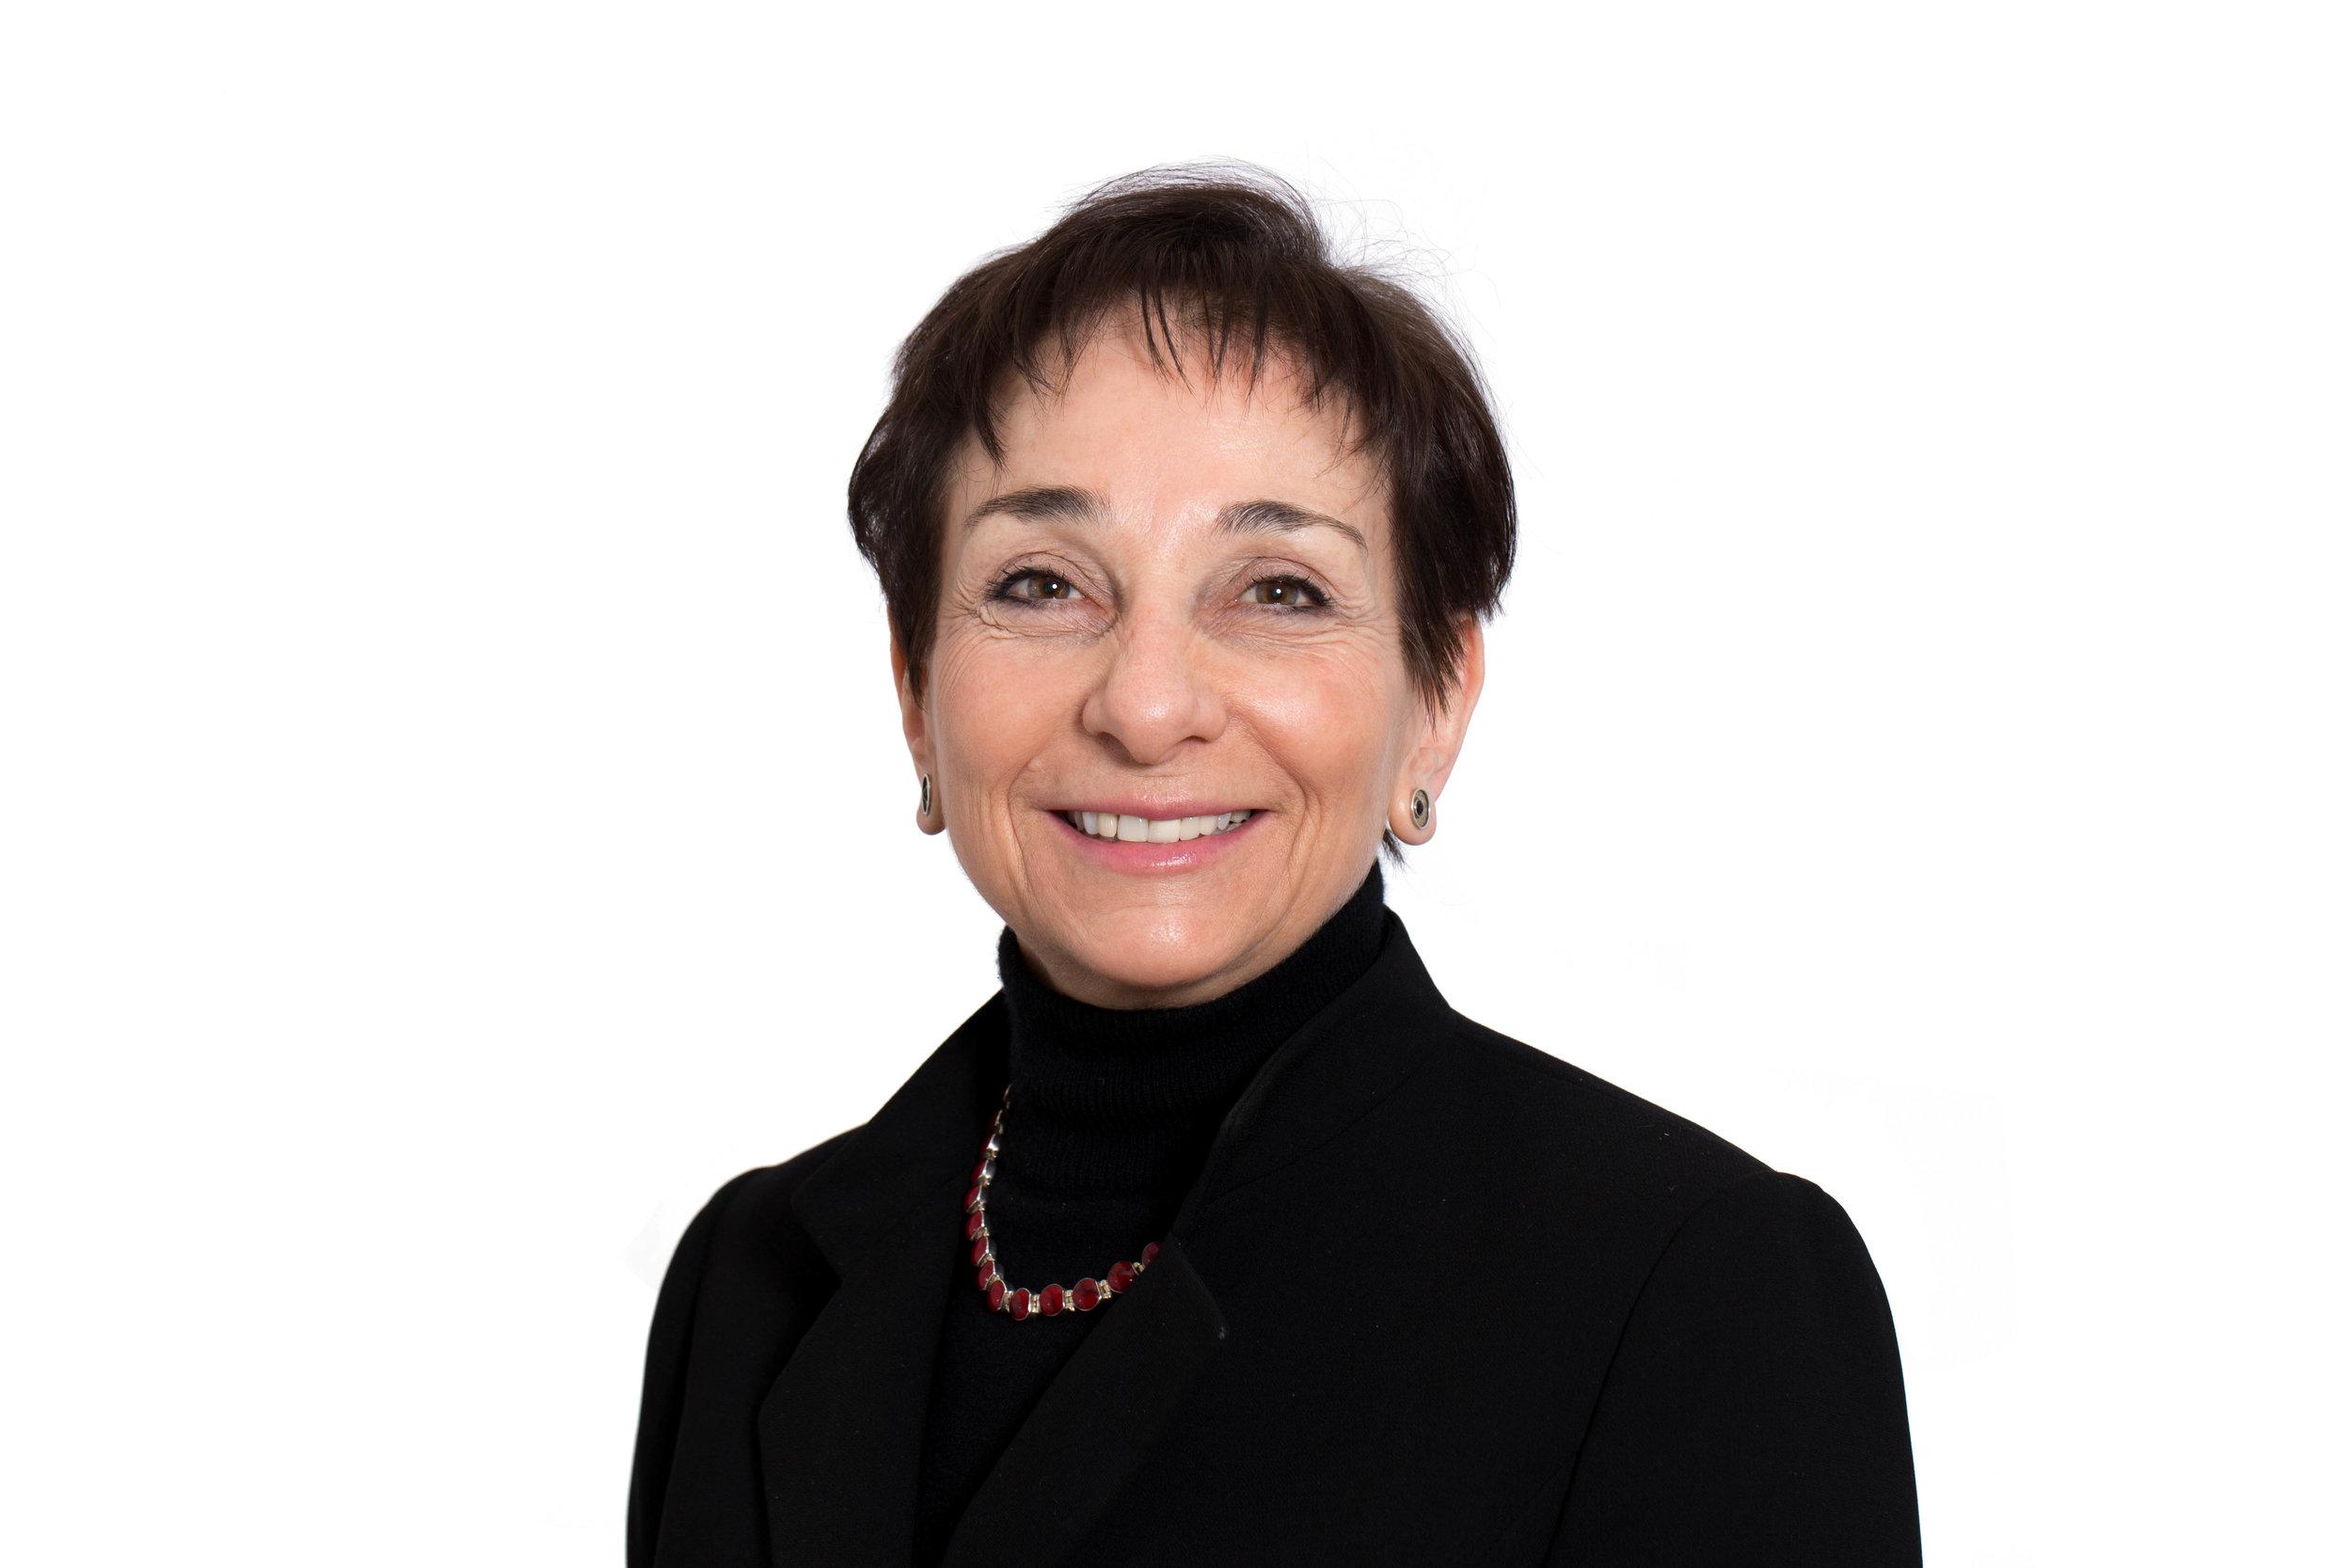 Dr. Eva Grunfeld